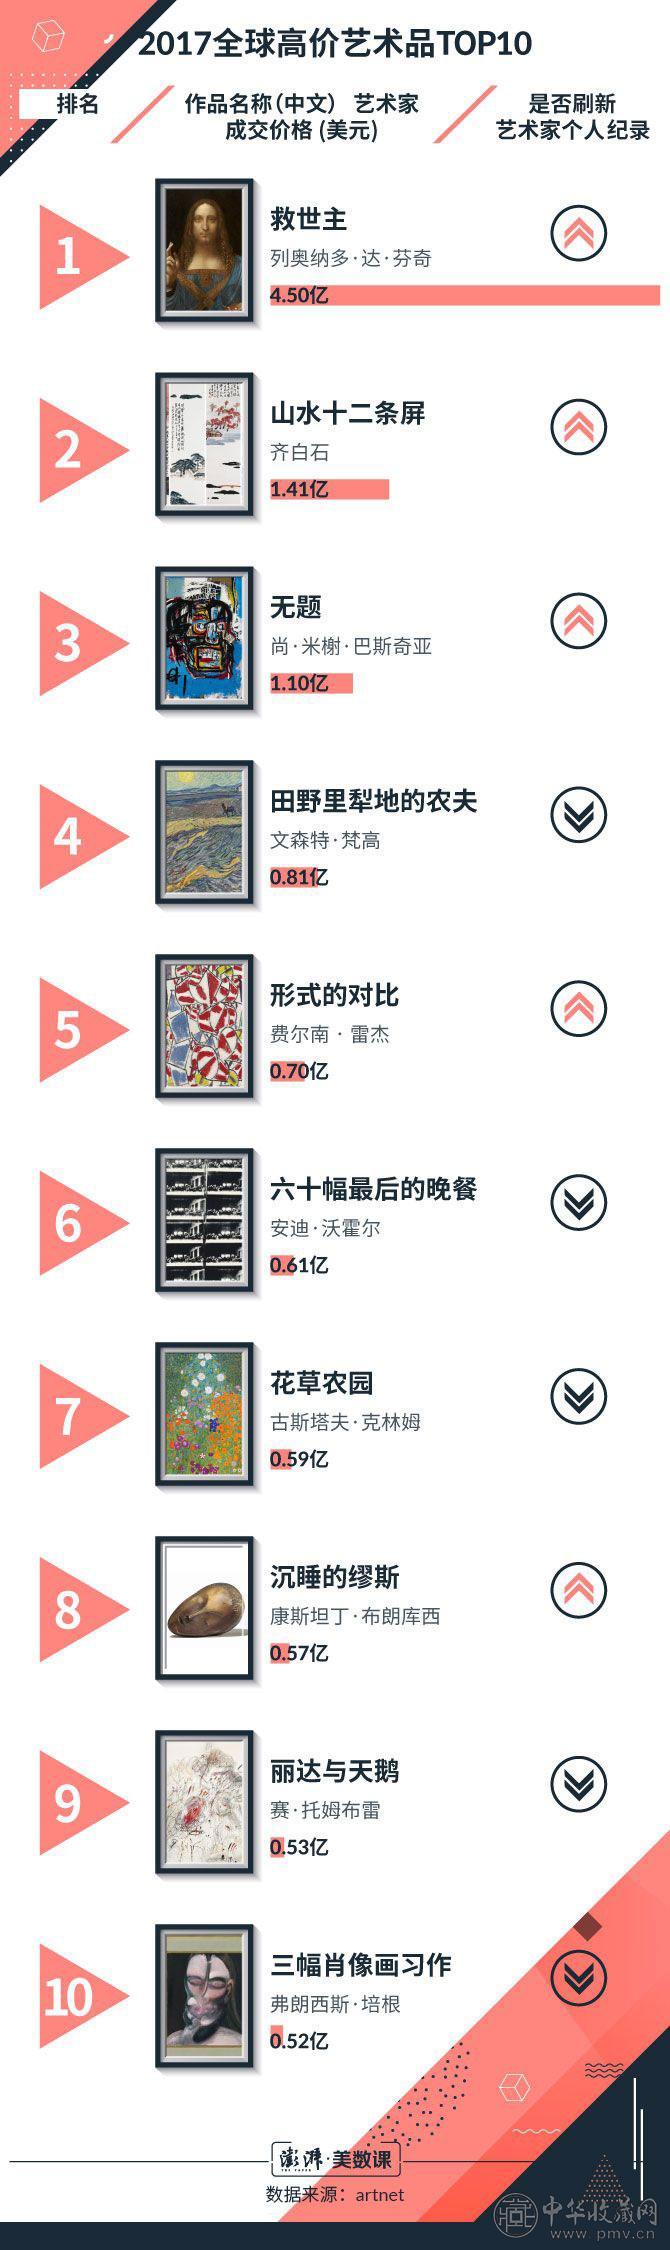 艺术品TOP10.jpeg